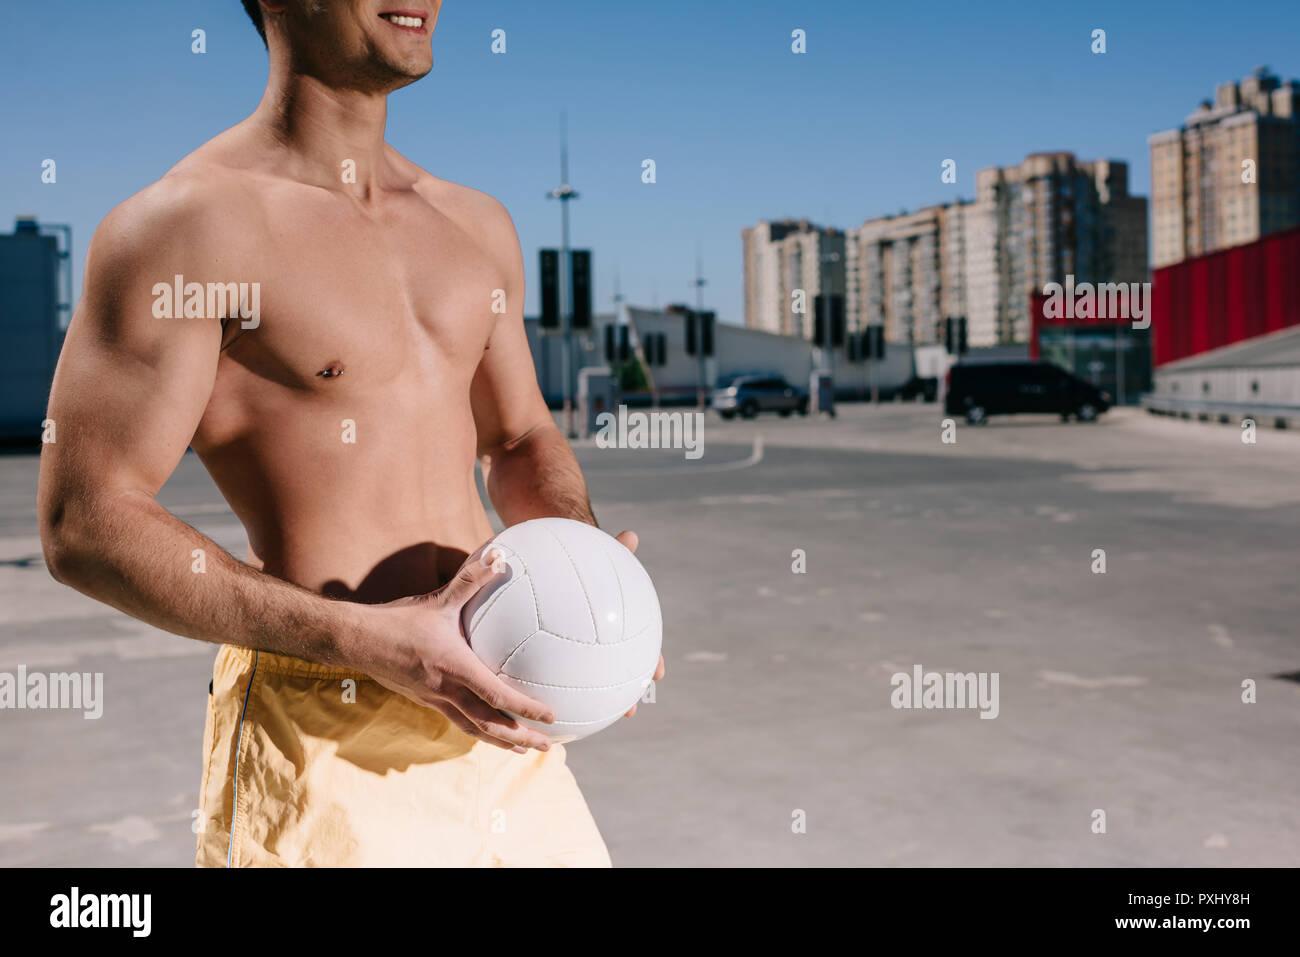 Ritagliato colpo di giovane uomo shirtless holding volley ball su parcheggio Immagini Stock